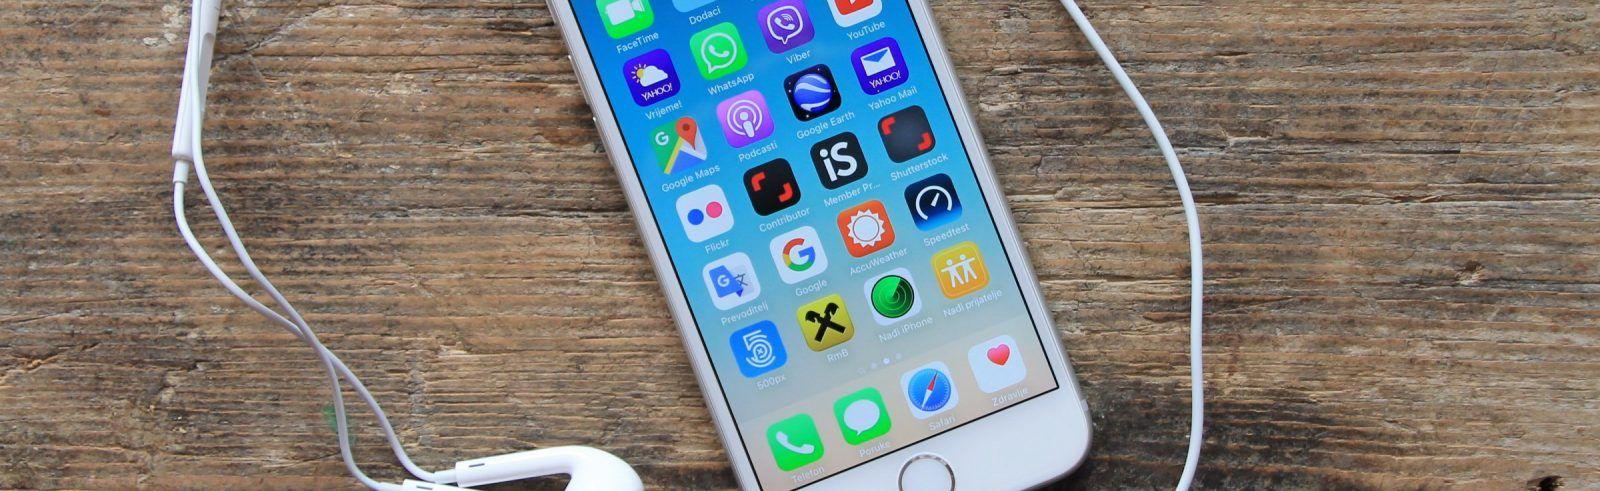 Naprawa iPhona z uszkodzonym aparatem w APPLEMOBILE.PL